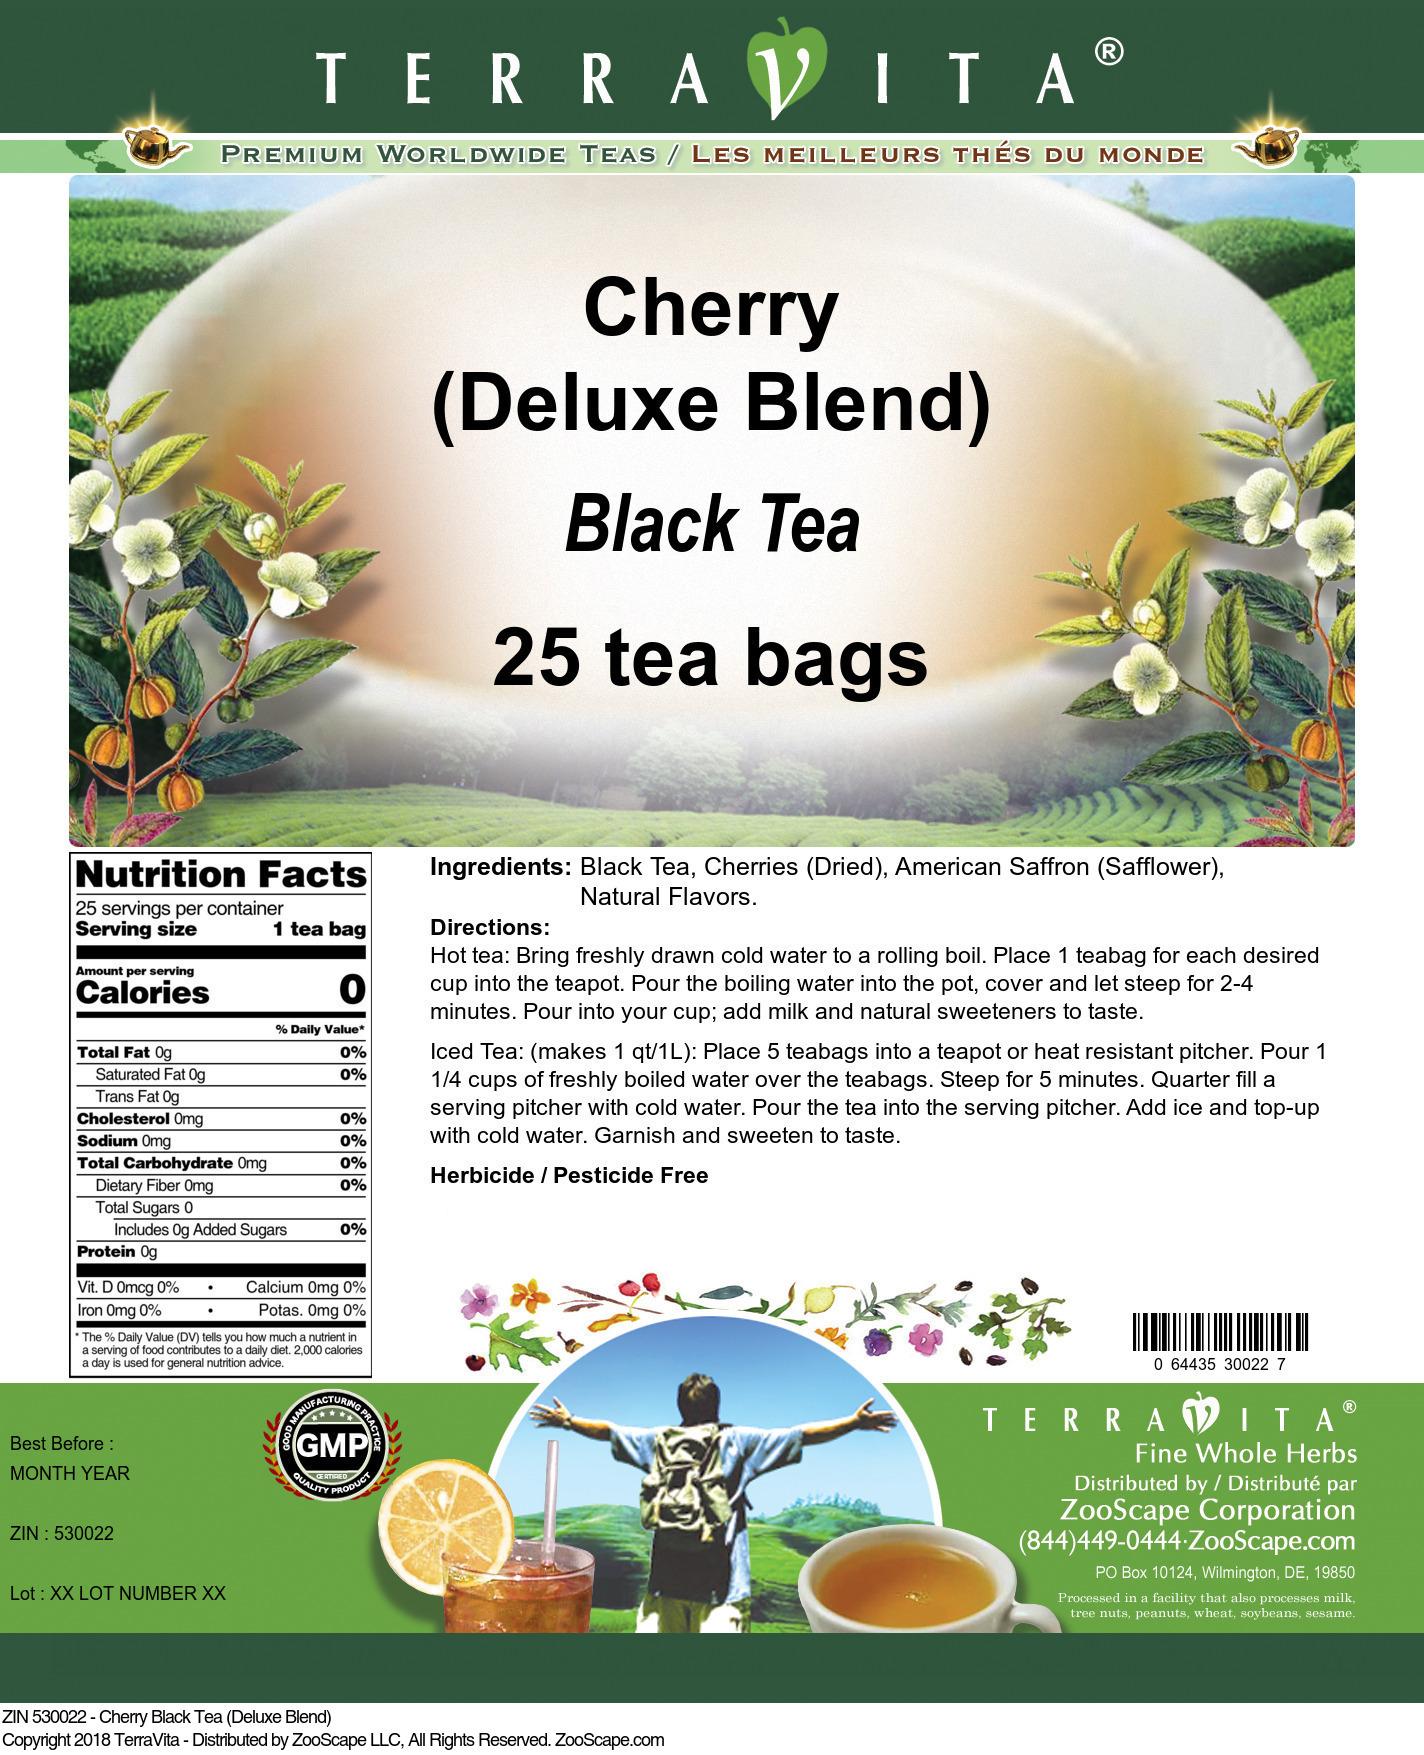 Cherry Black Tea